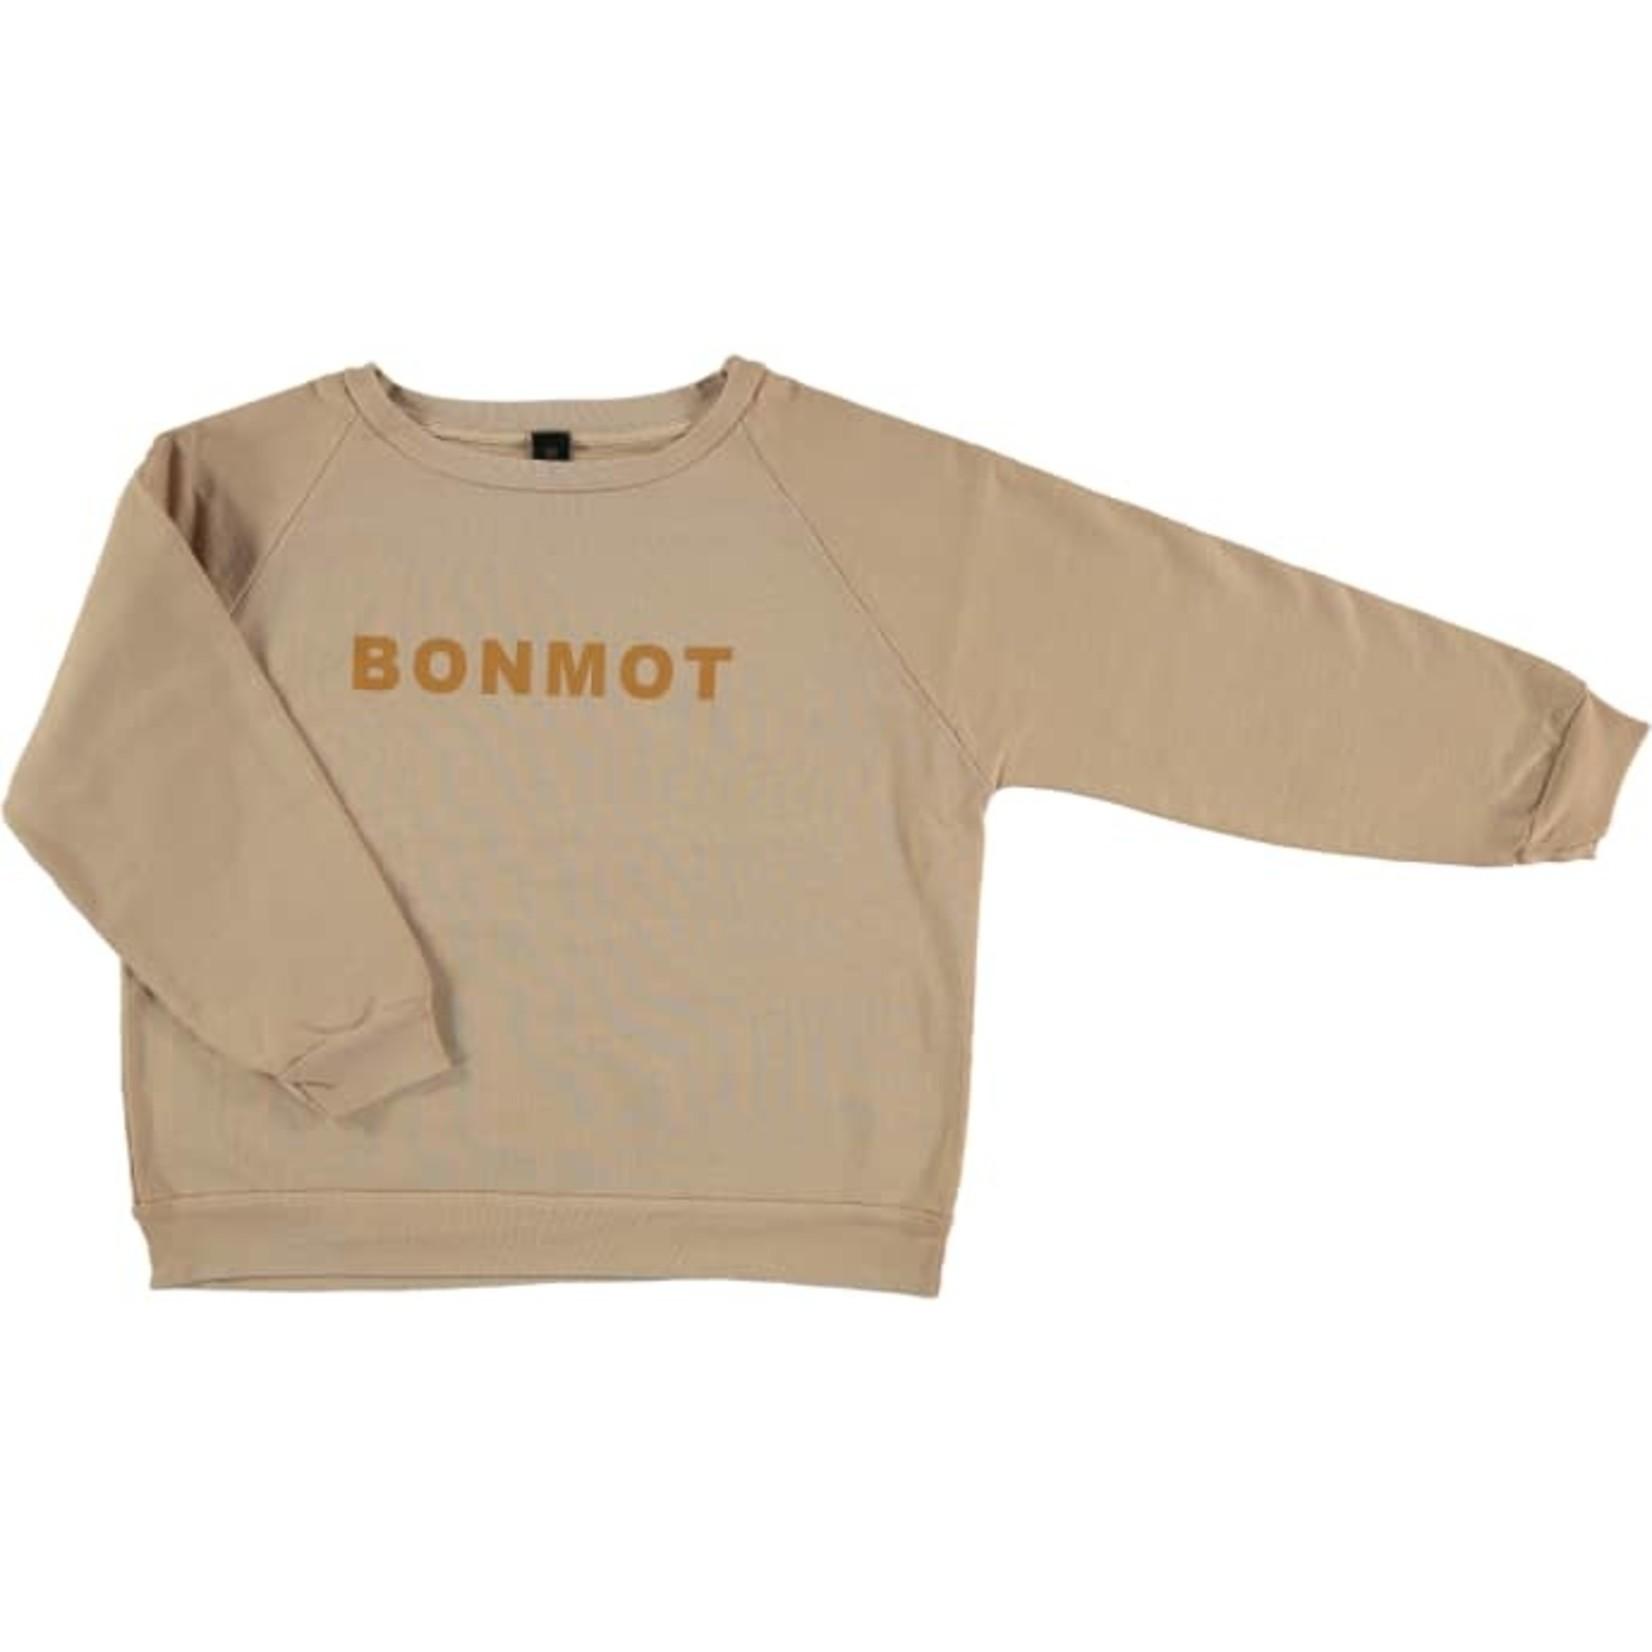 BONMOT BONMOT sweatshirt